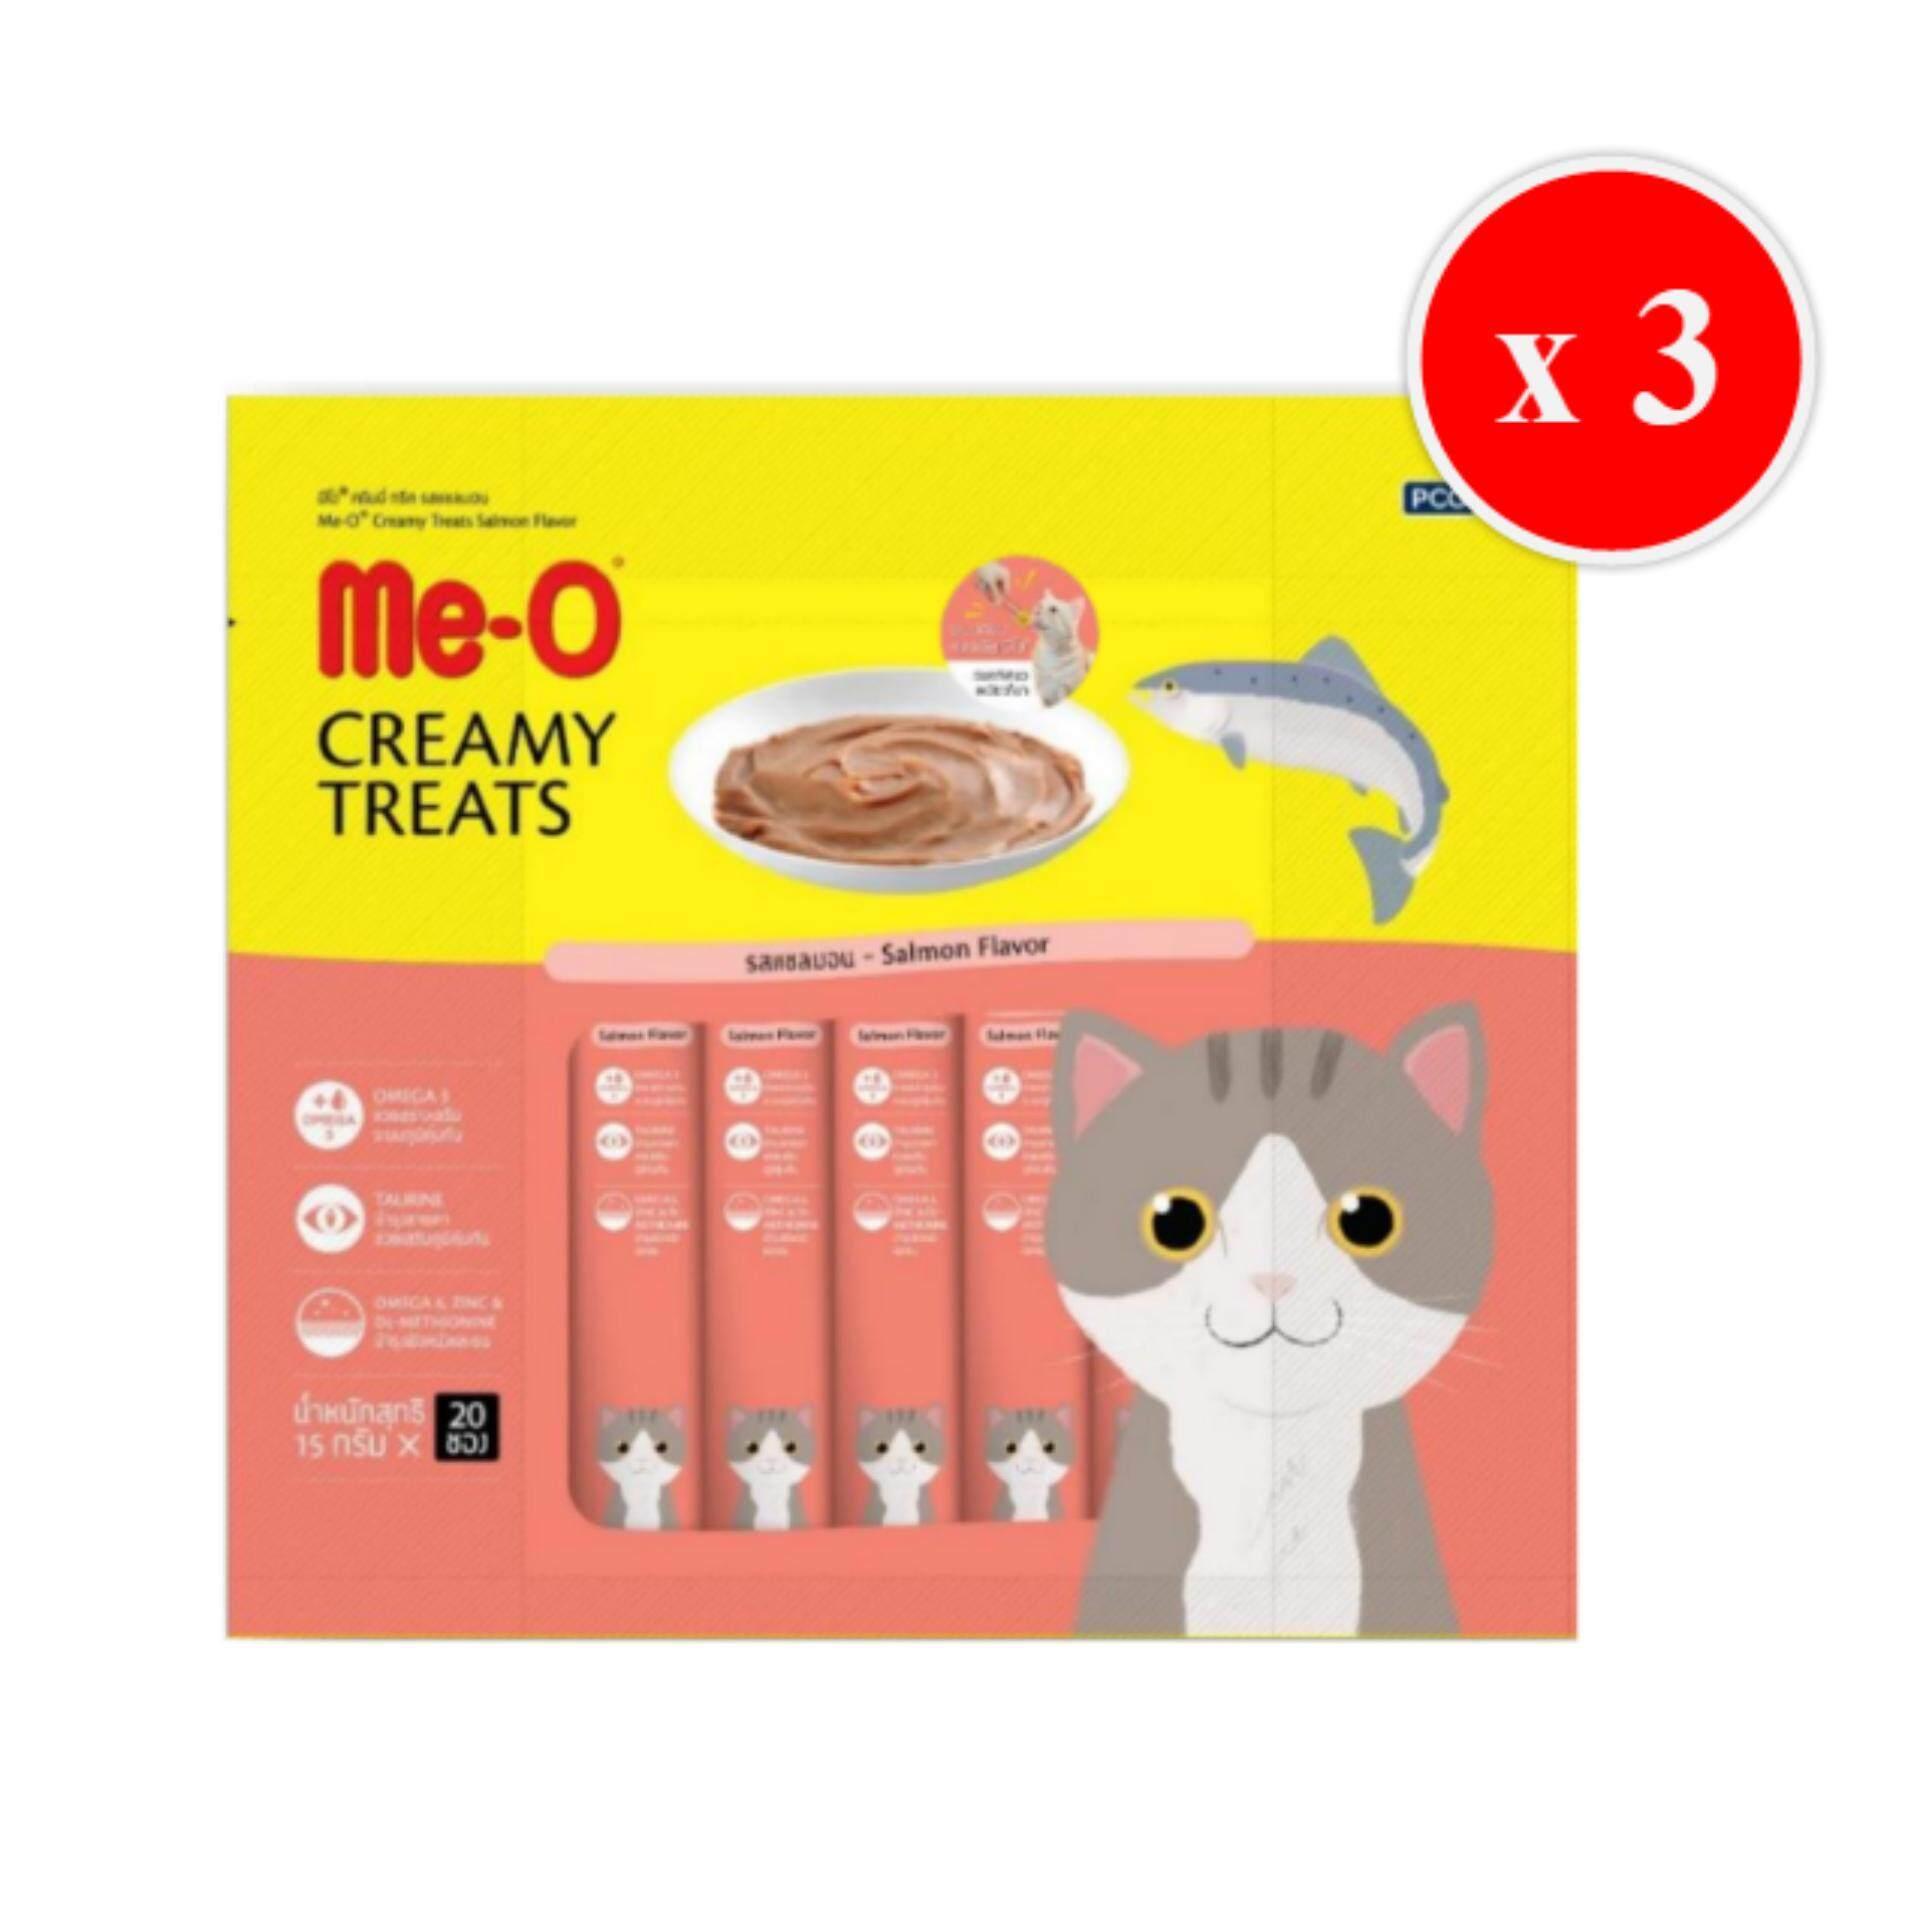 Me-O Creamy Treats Salmon 15g X 20 Units (3 Packs) มีโอ ขนมแมวเลีย รสปลาแซลมอน บรรจุแพ็คละ 20 ซอง ซองละ 15 กรัม (จำนวน 3 แพ็ค) By T.u. Pet Shop.